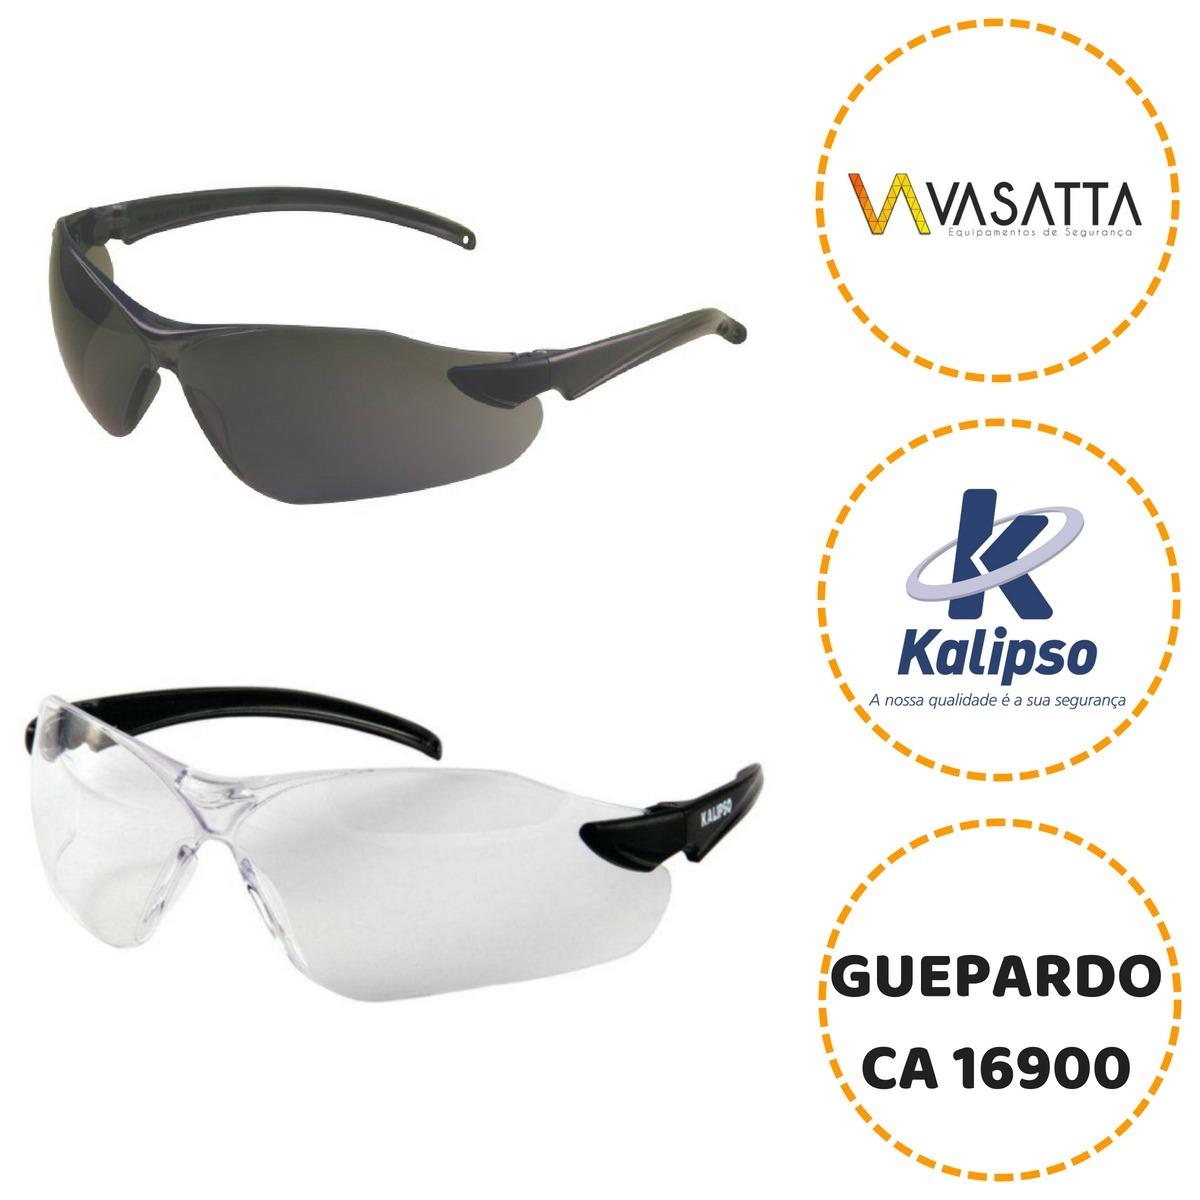 Óculos De Proteção Guepardo Kalipso - R  24,50 em Mercado Livre a60ea380ed